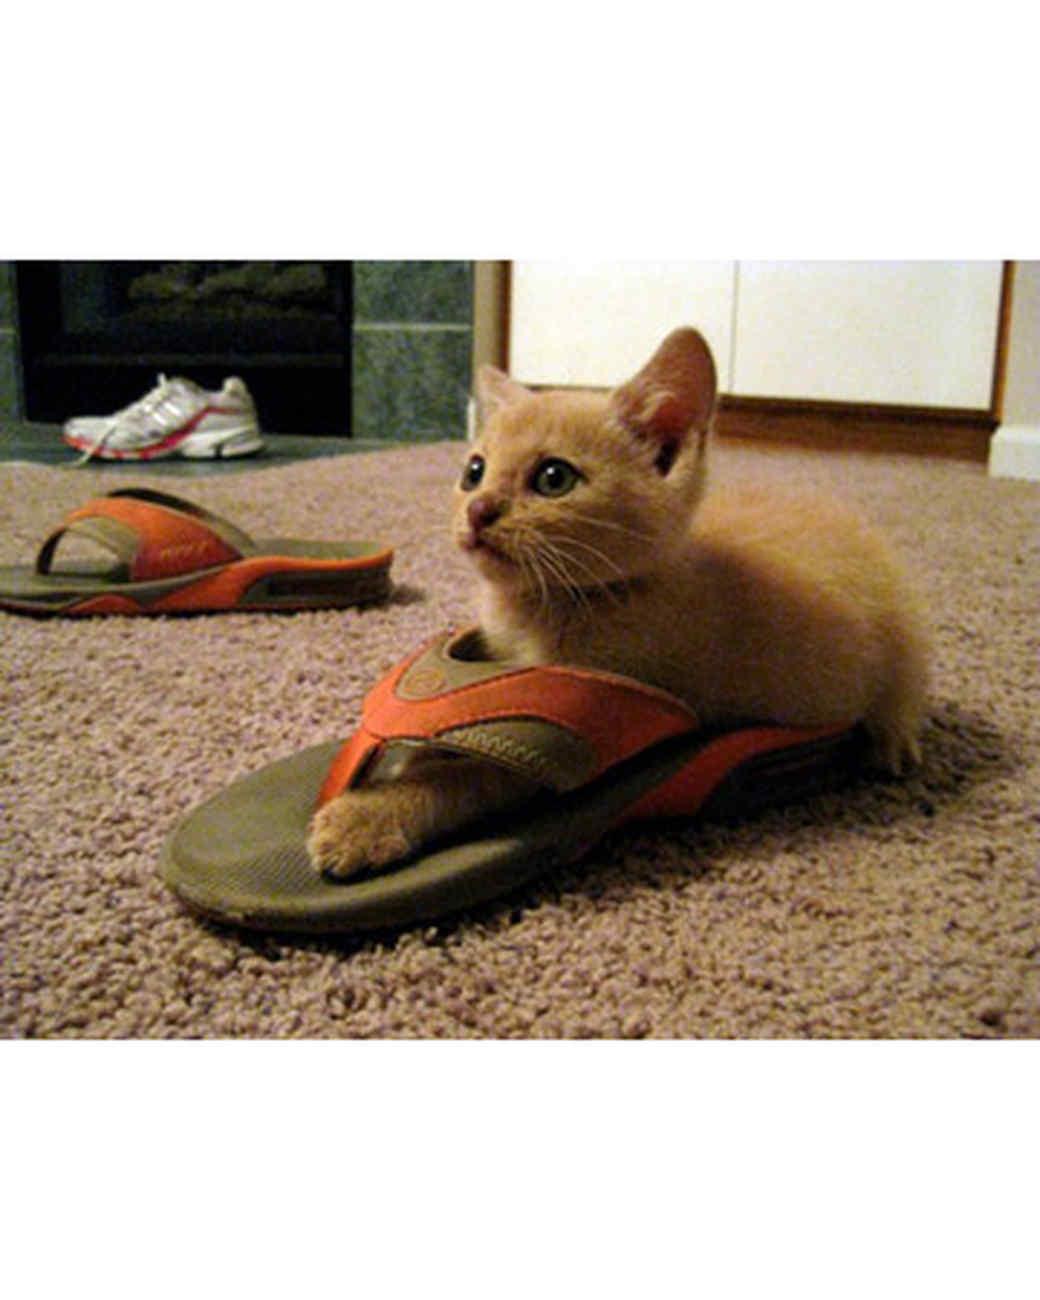 pets_kittens_0610_9612673_23718641.jpg